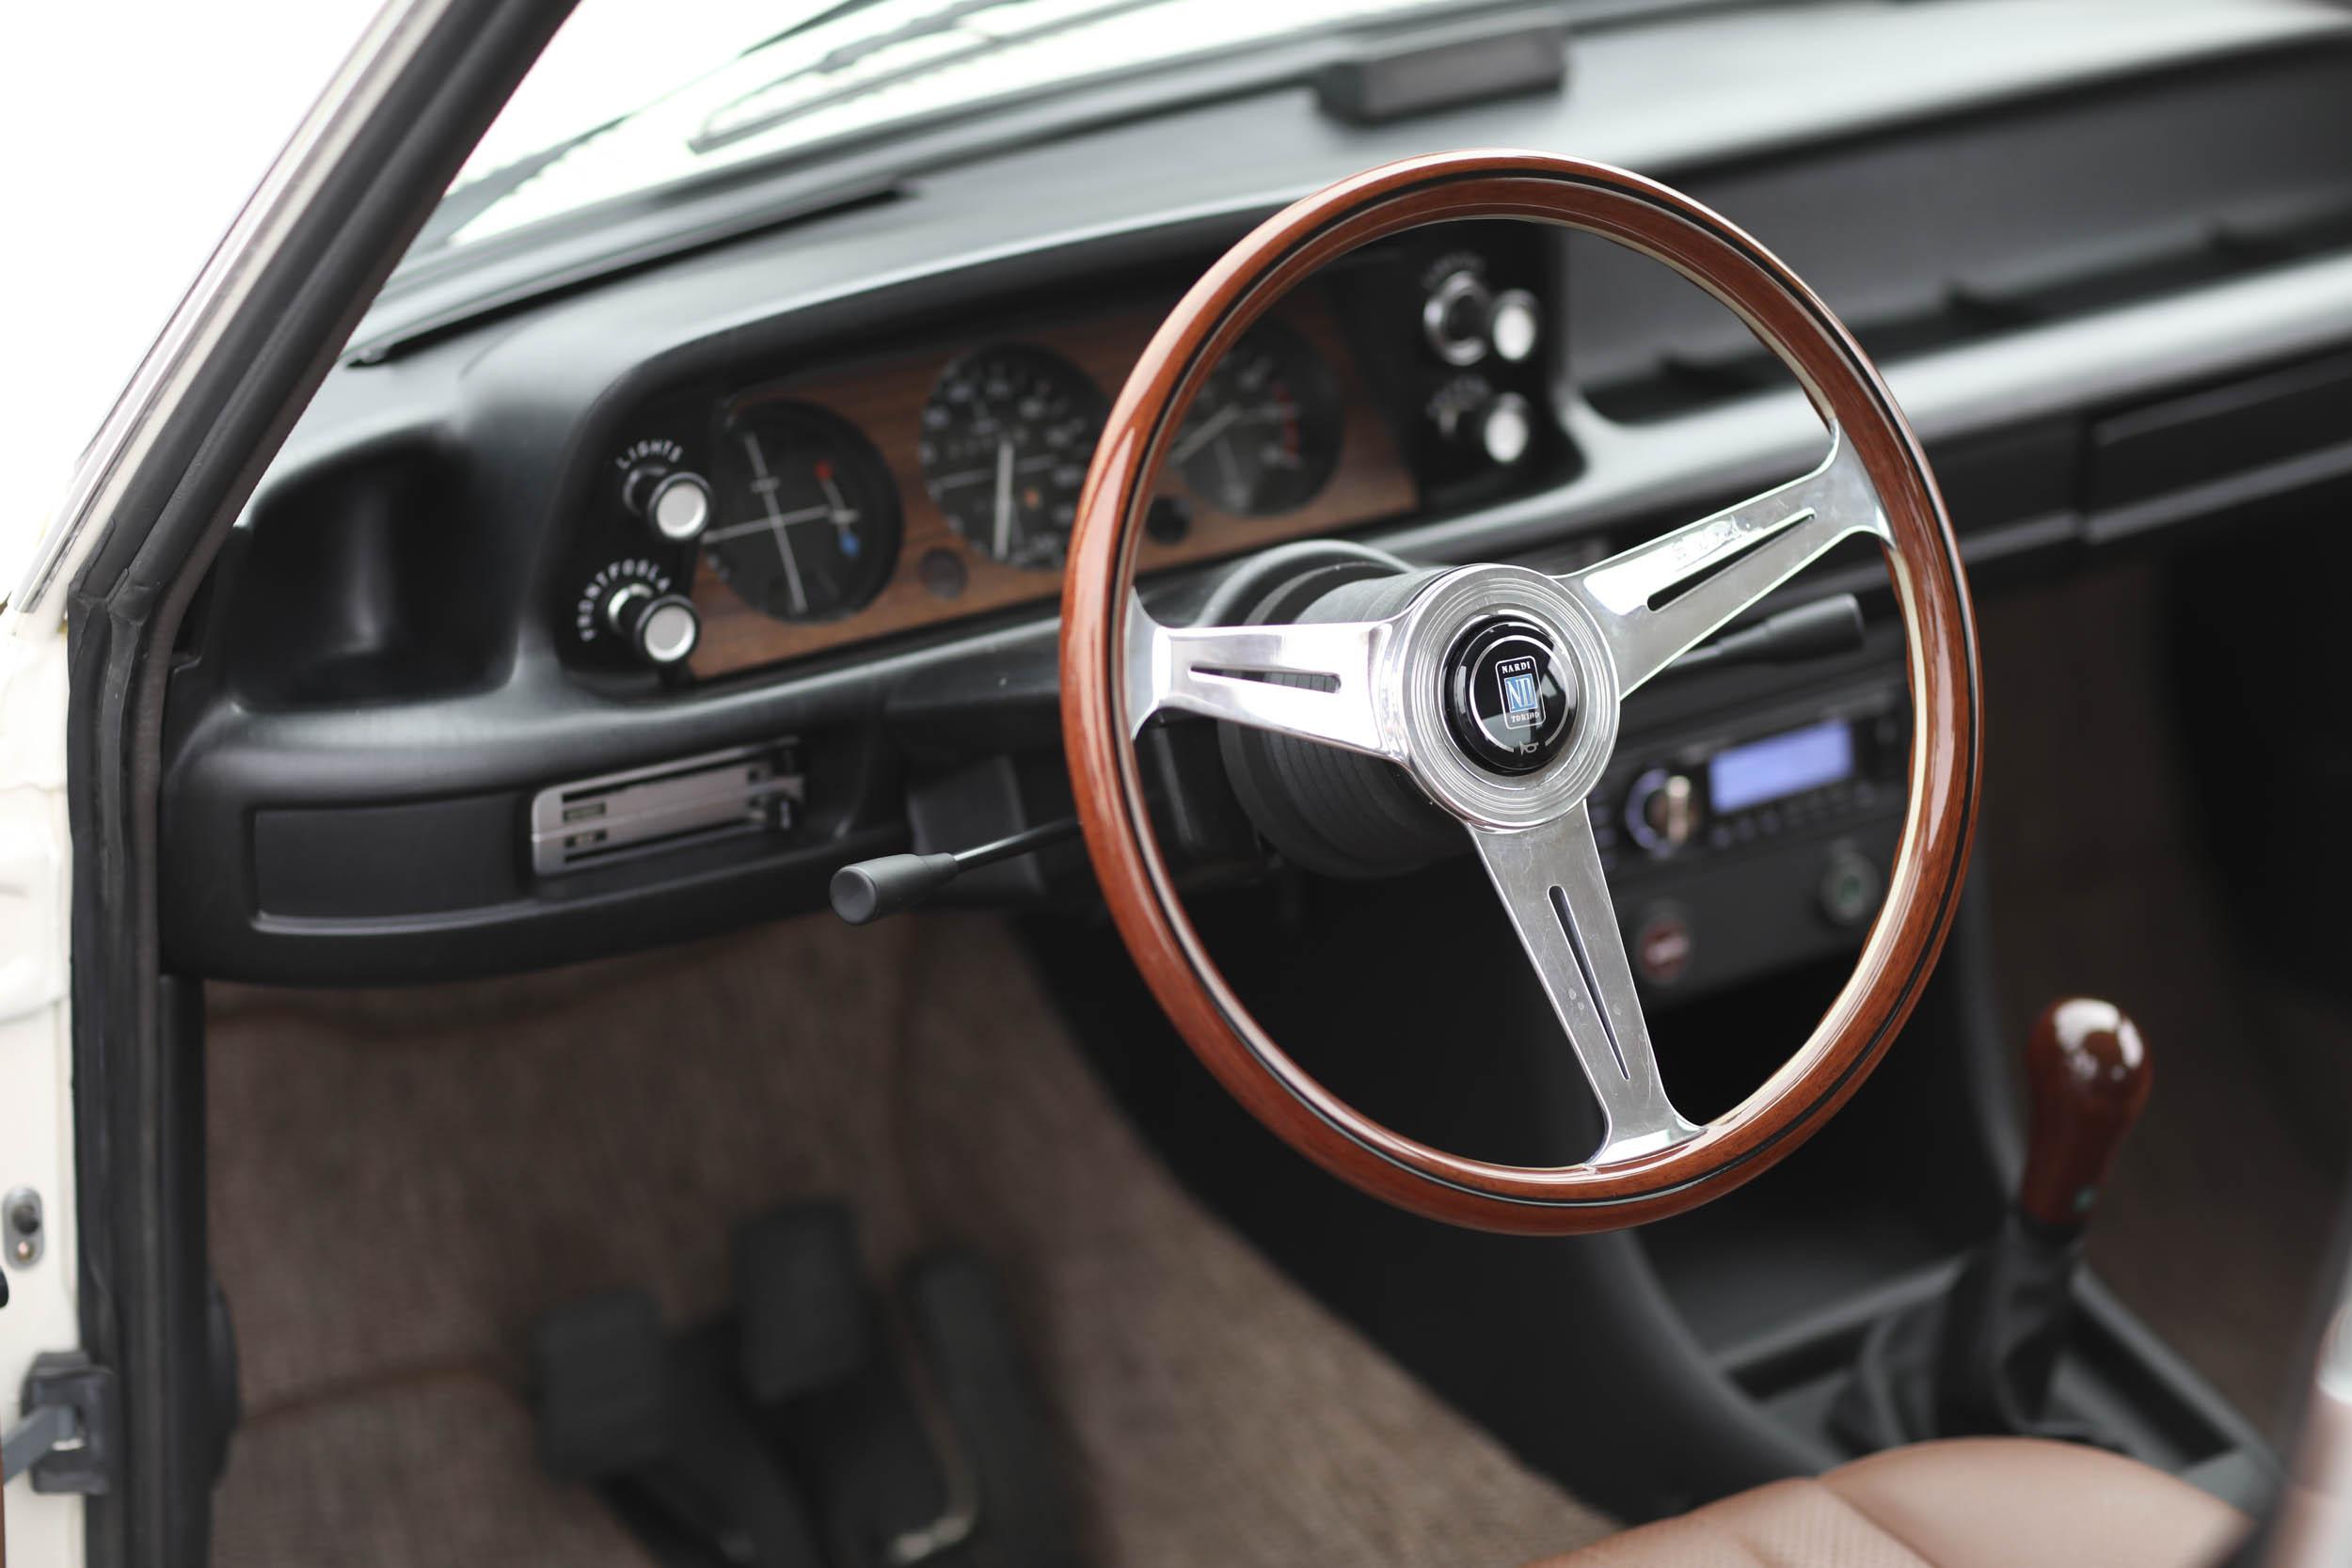 1975 BMW 2002 steering wheel